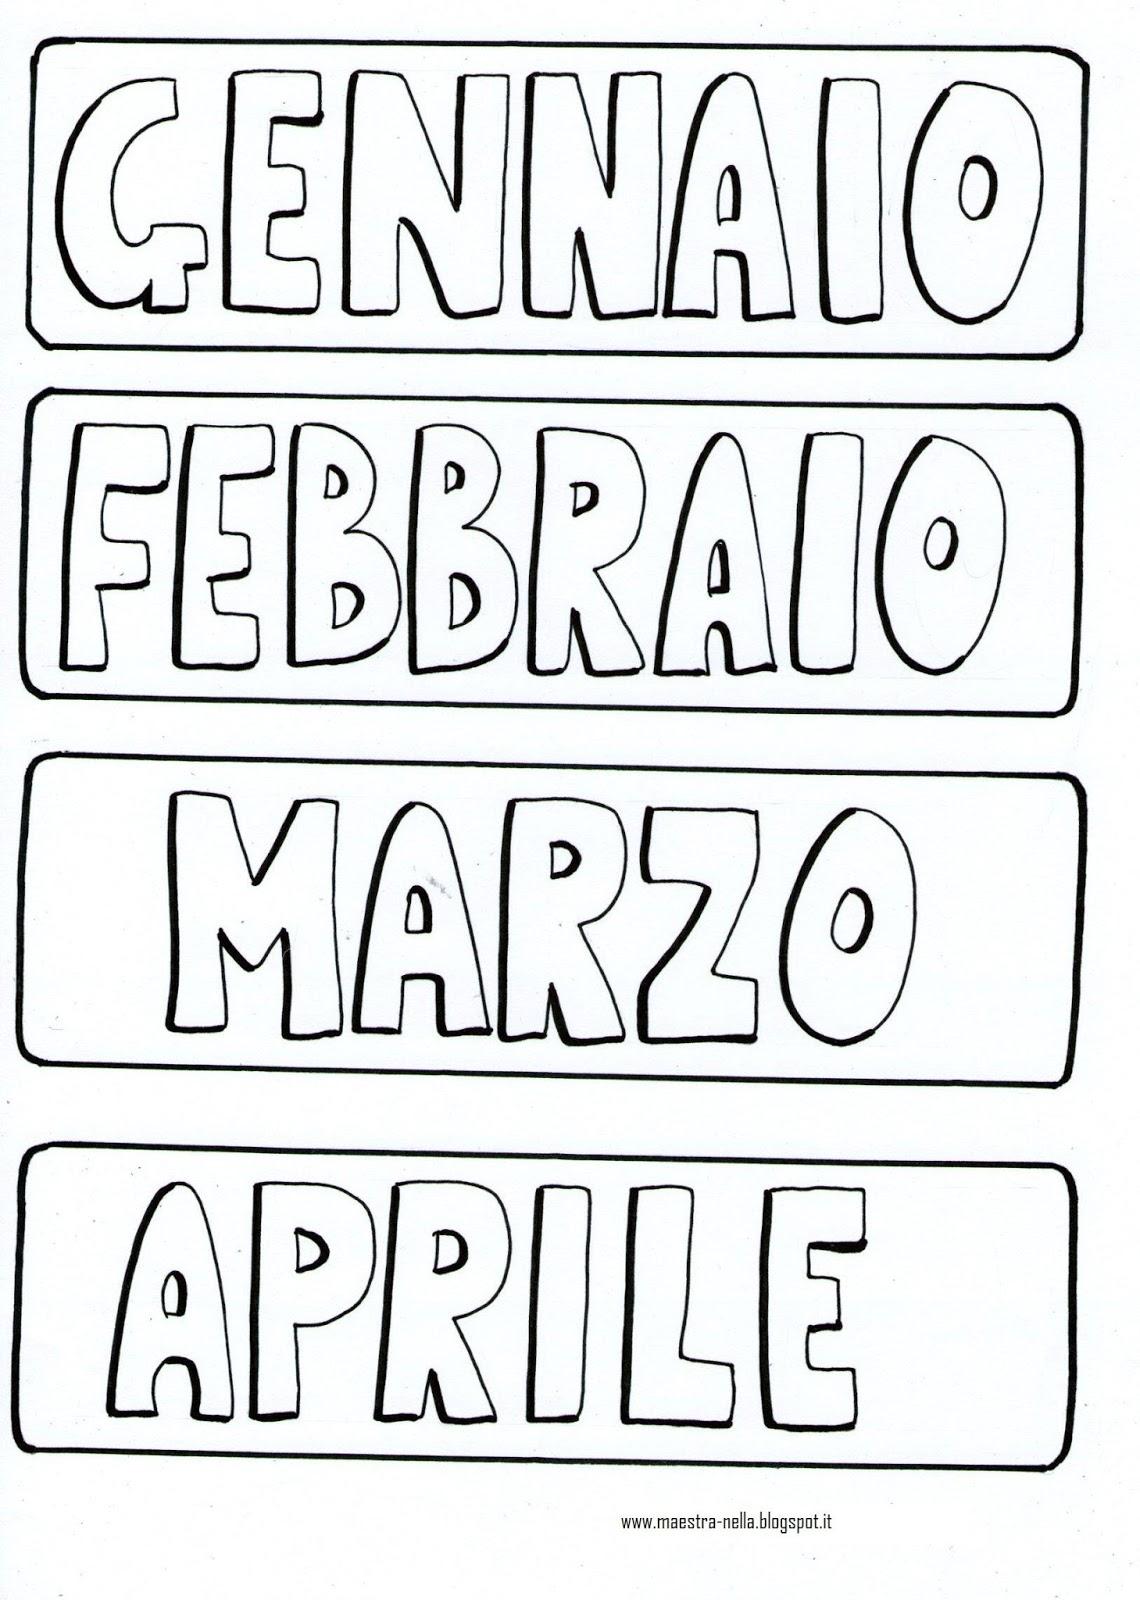 abbastanza maestra Nella: Il calendario PD33